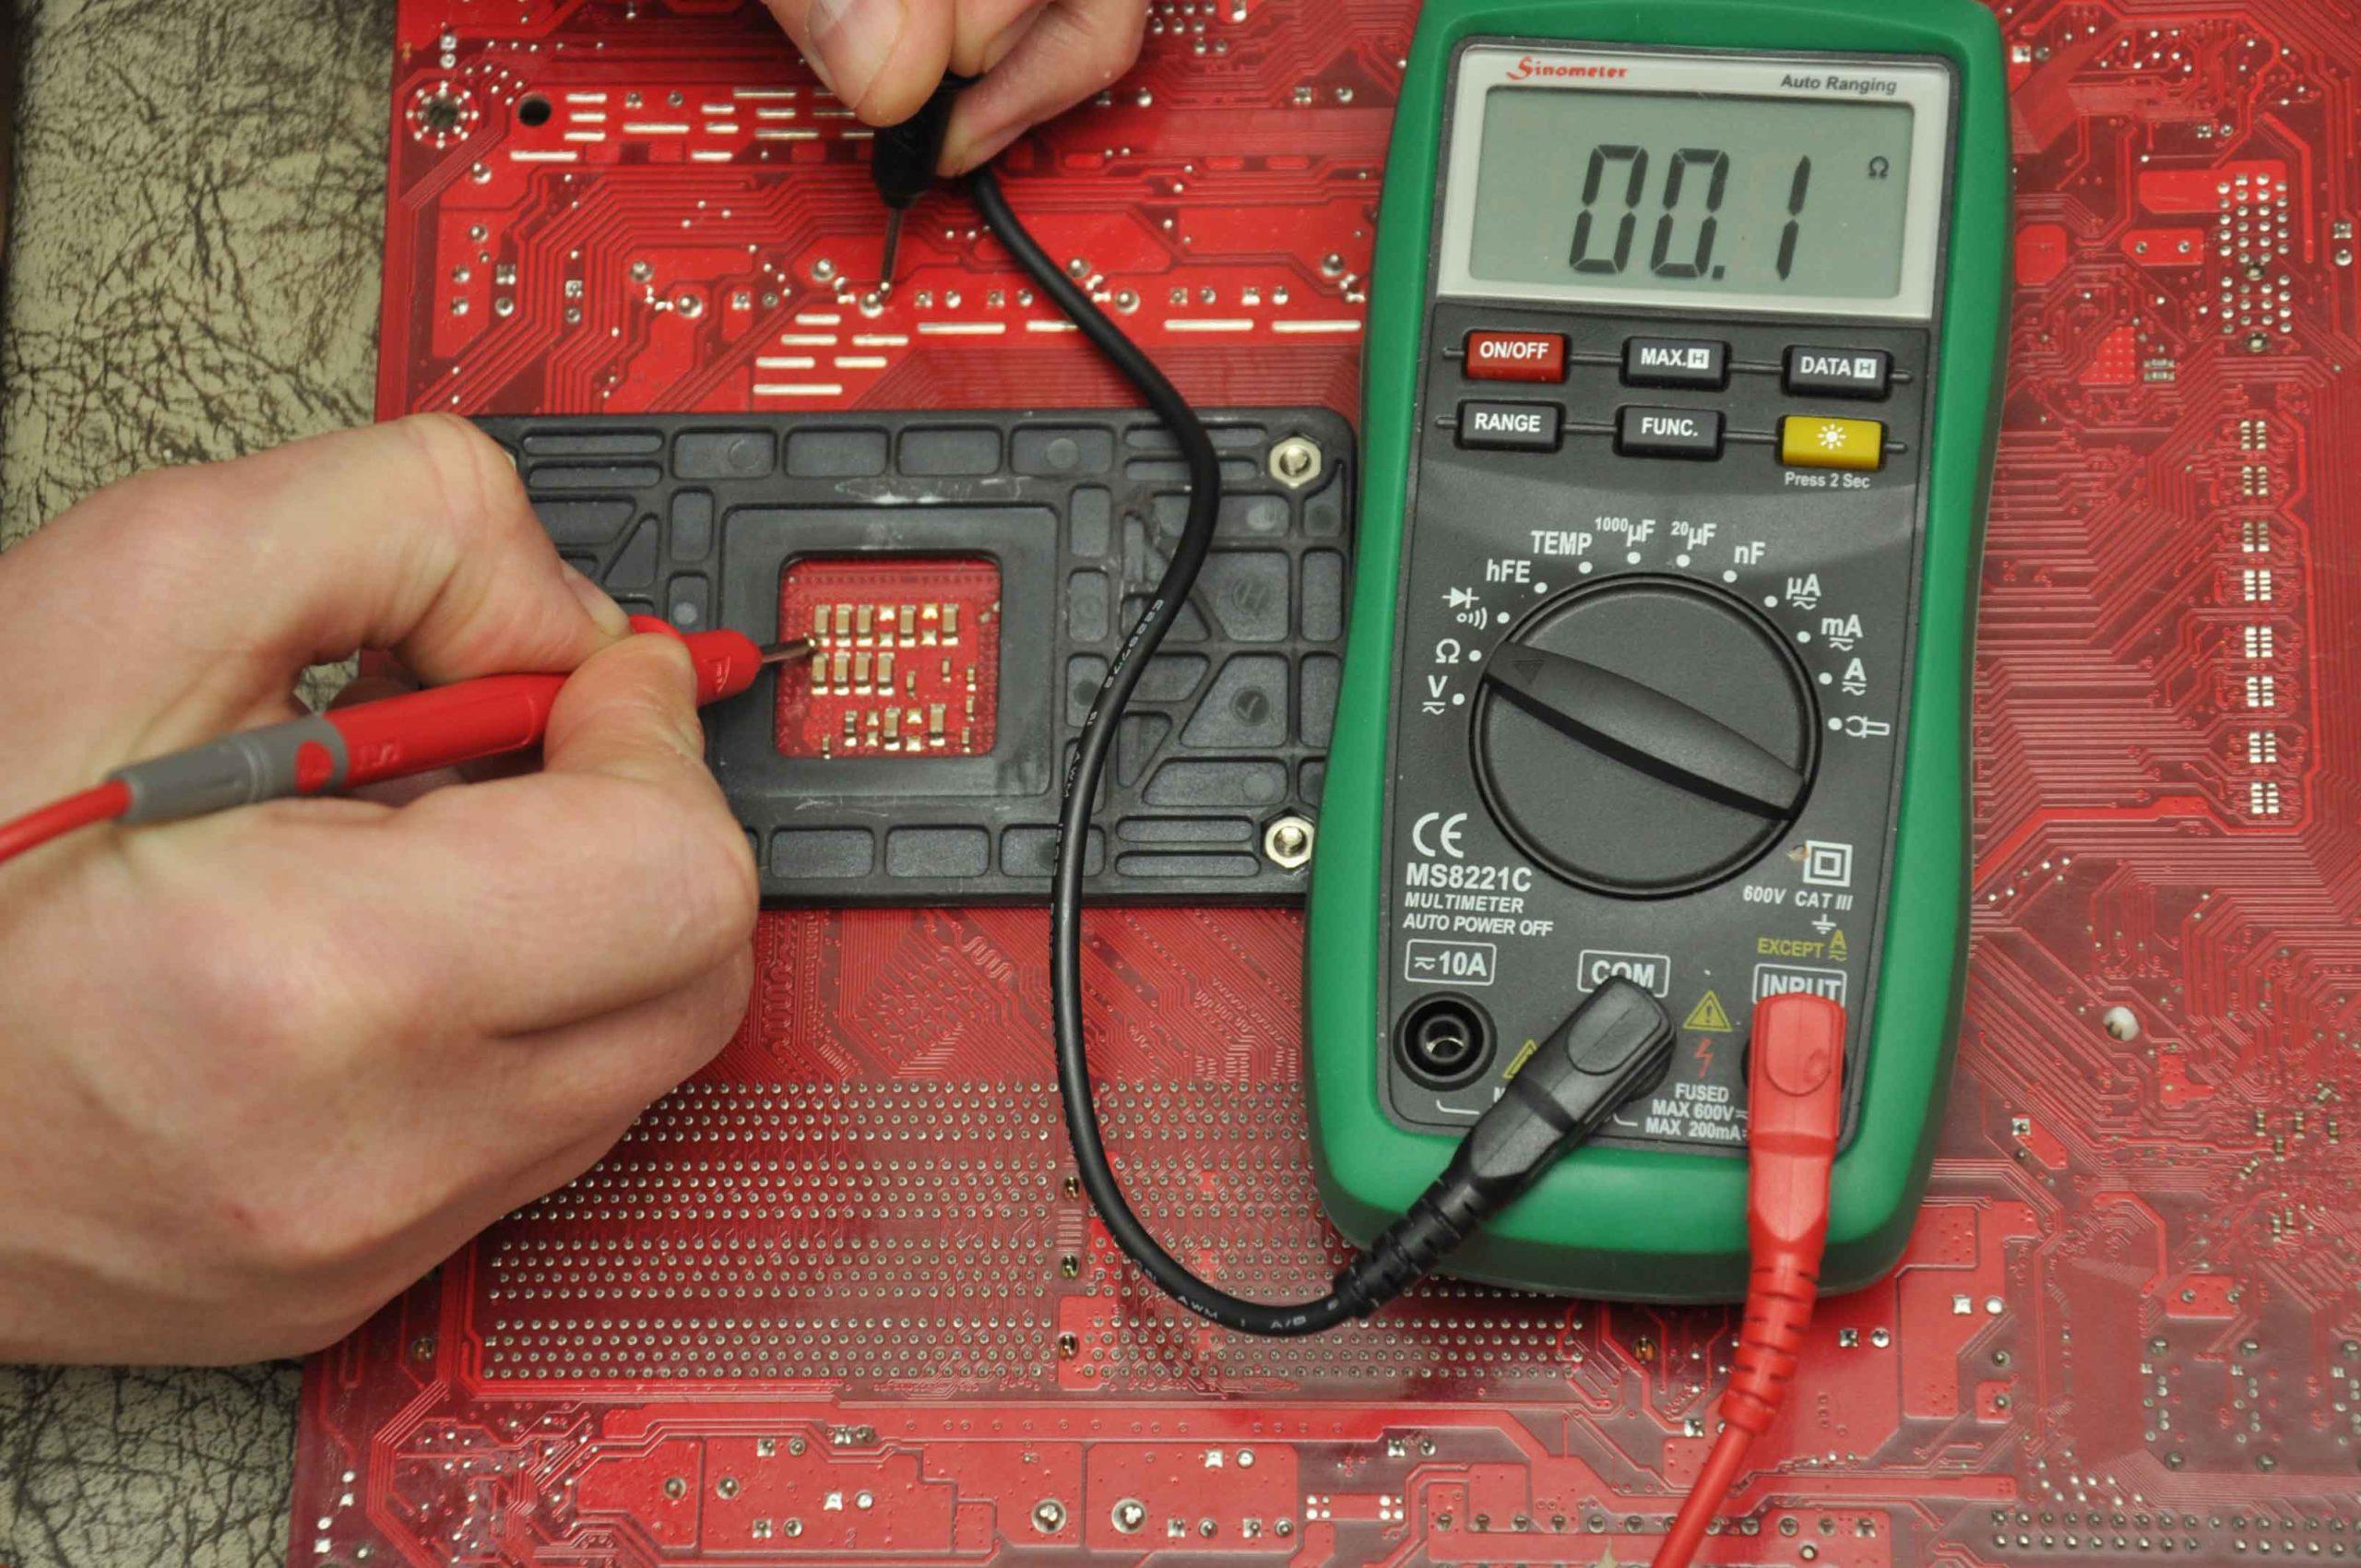 fotostatia september 3 1 scaled - Основные способы проверить работоспособность радиодеталей